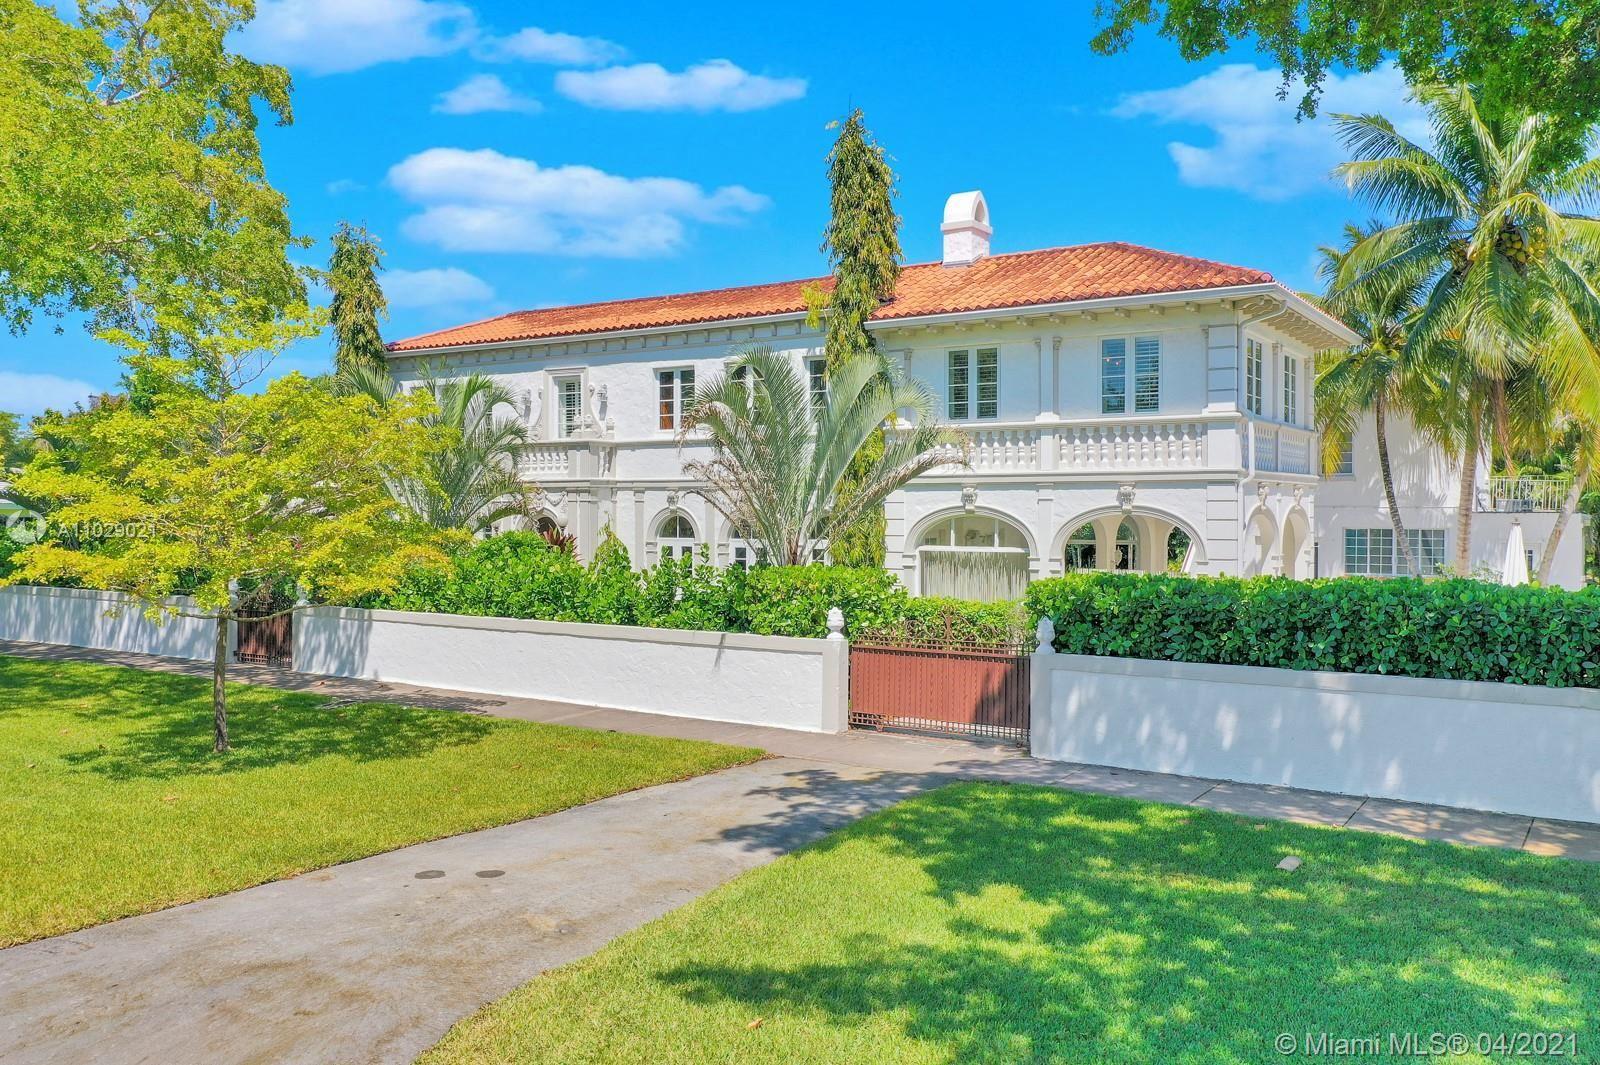 1217 Granada Blvd, Coral Gables, FL 33134 - #: A11029021